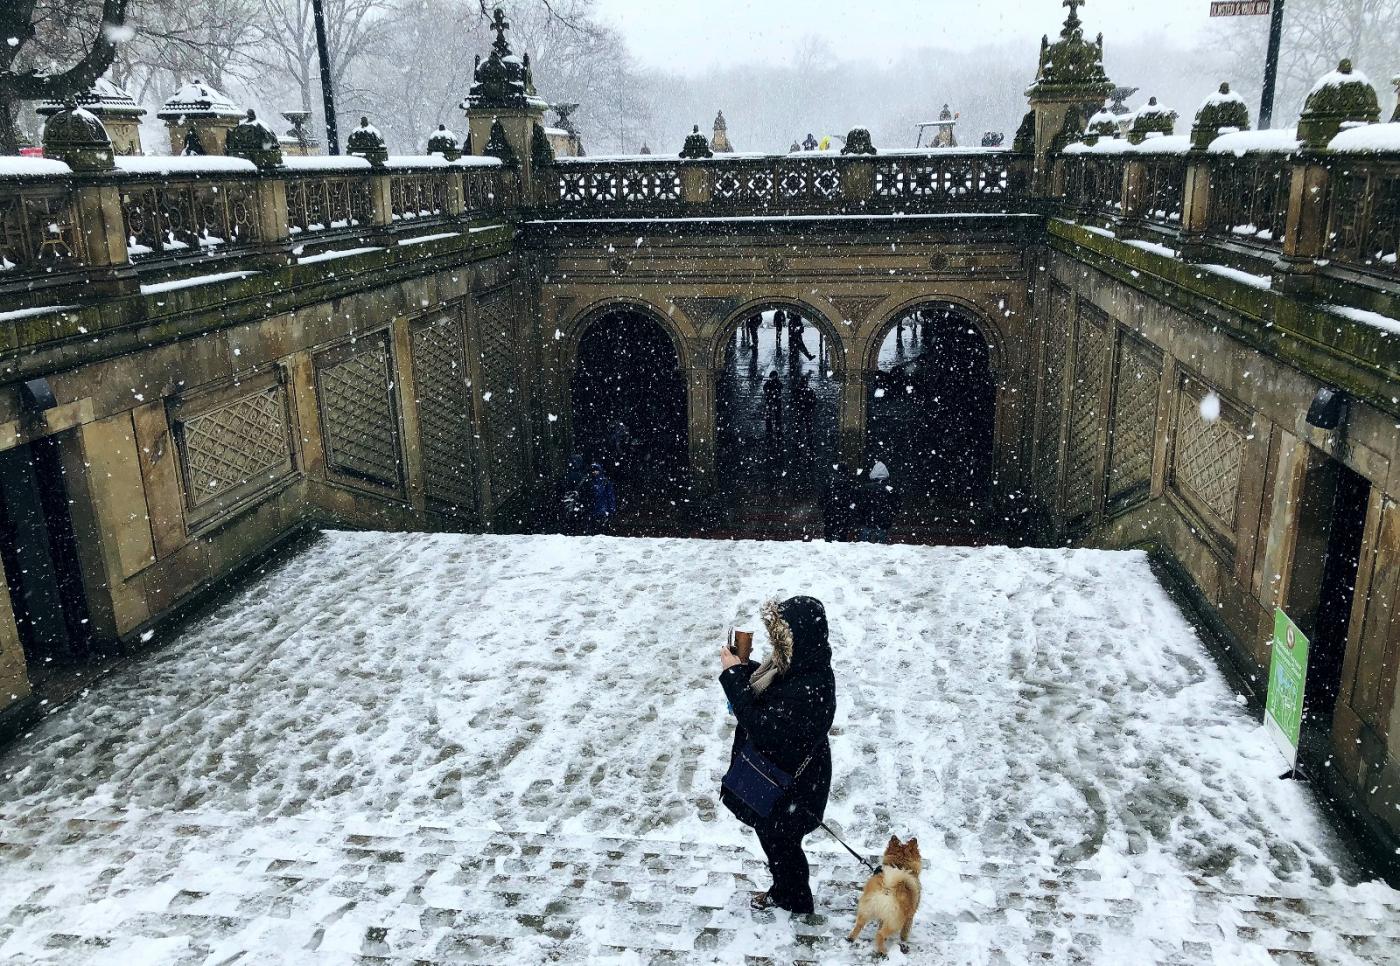 【田螺手机摄影】纽约雪景、还是中央公园最漂亮[二]_图1-26